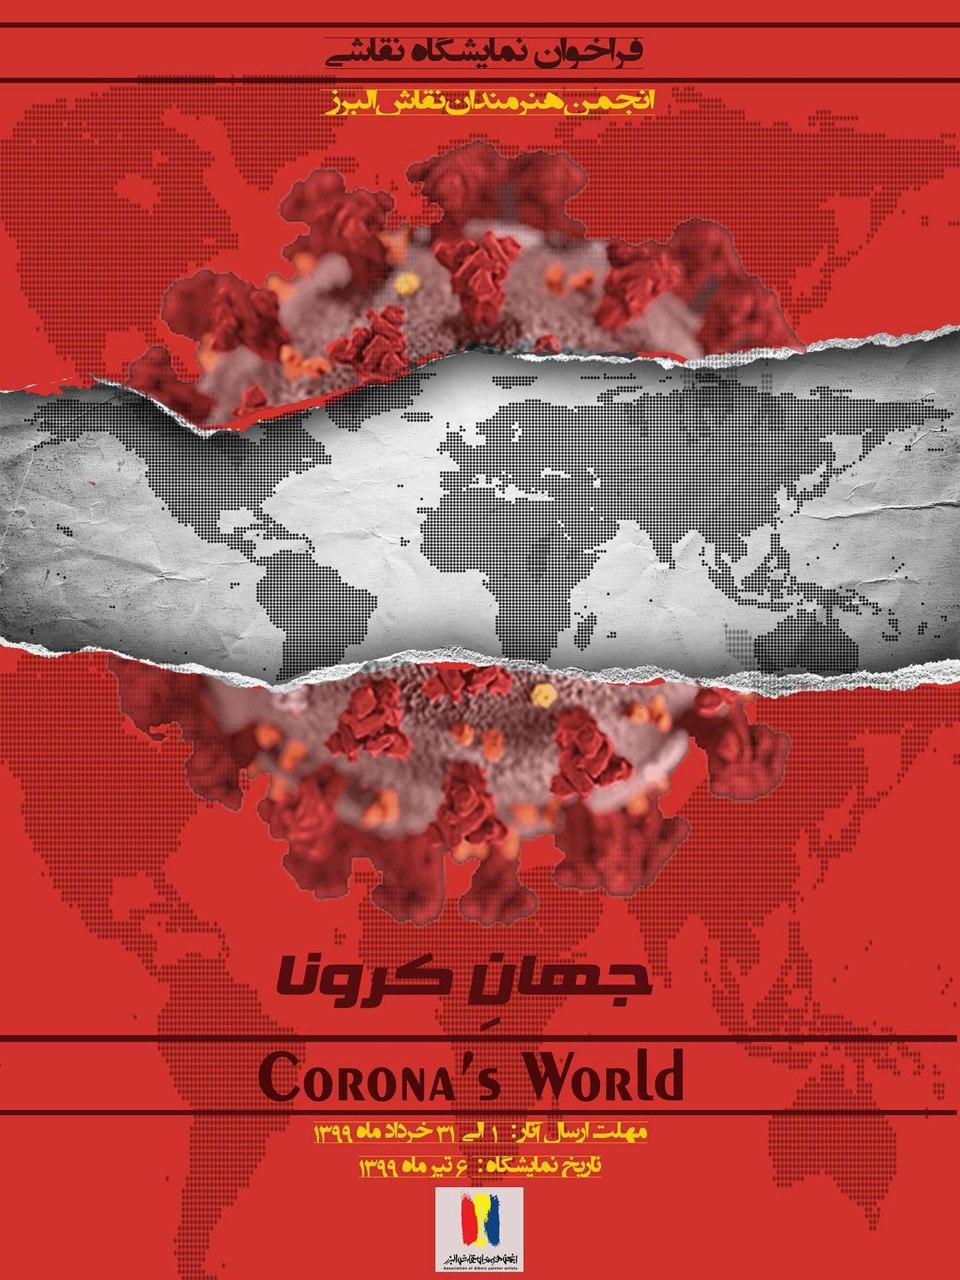 فراخوان نمایشگاه نقاشی مجازی جهانِ کرونا